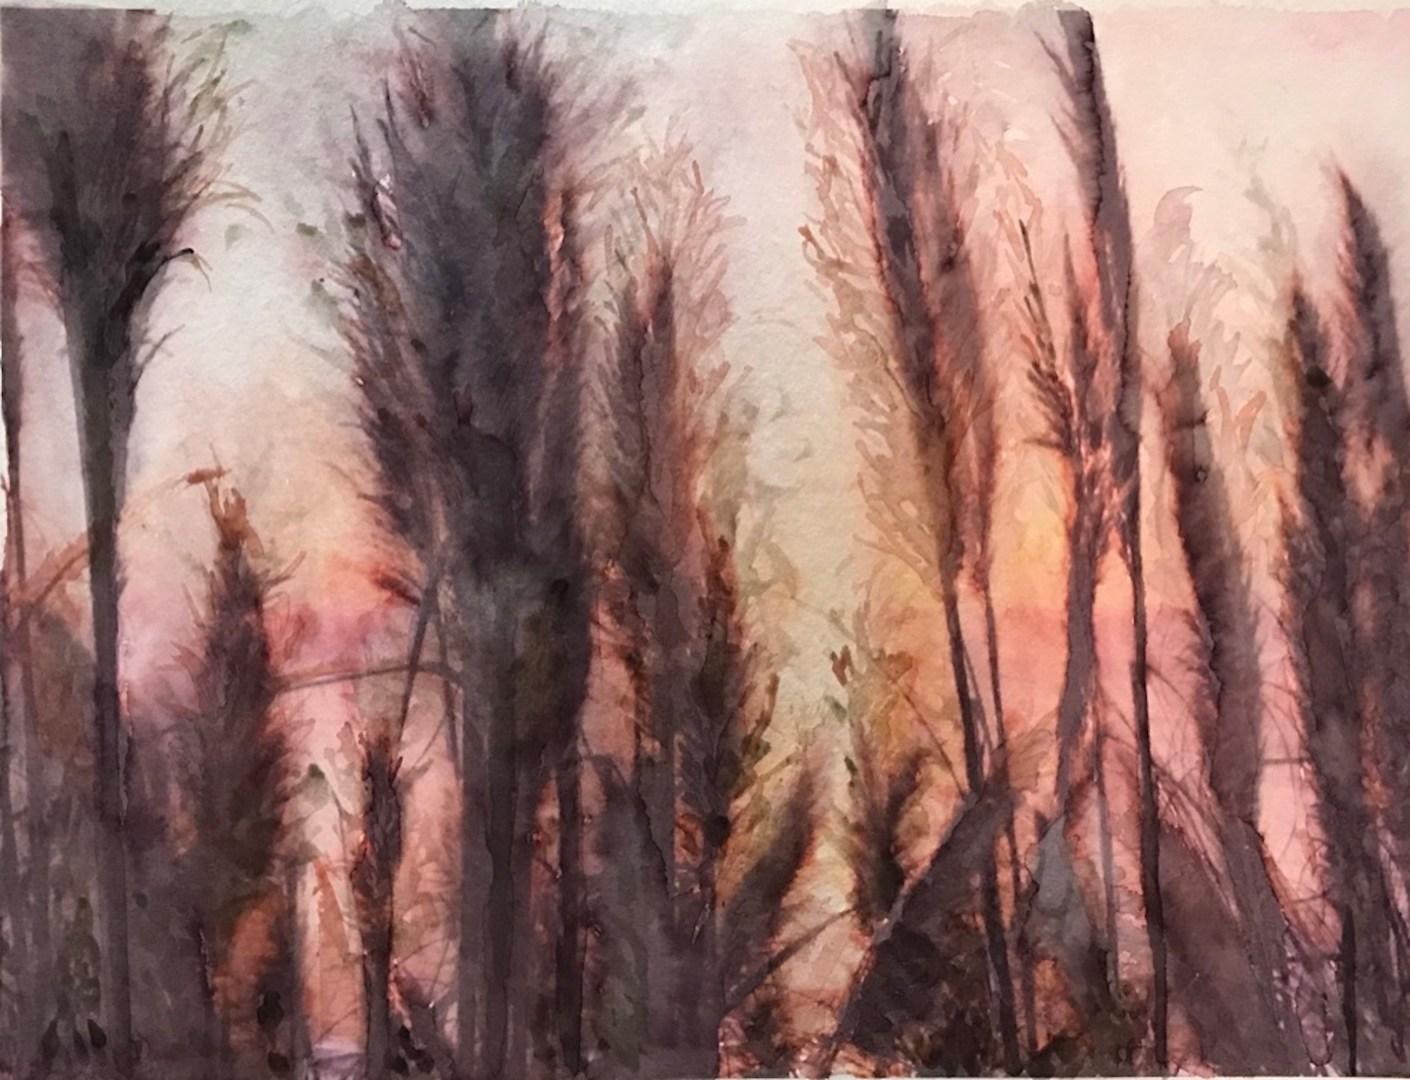 pampique_aquarela em Hahnemuhle Anniversary Edition 425 gsm_30x40cm_Edna Carla Stradioto_2019